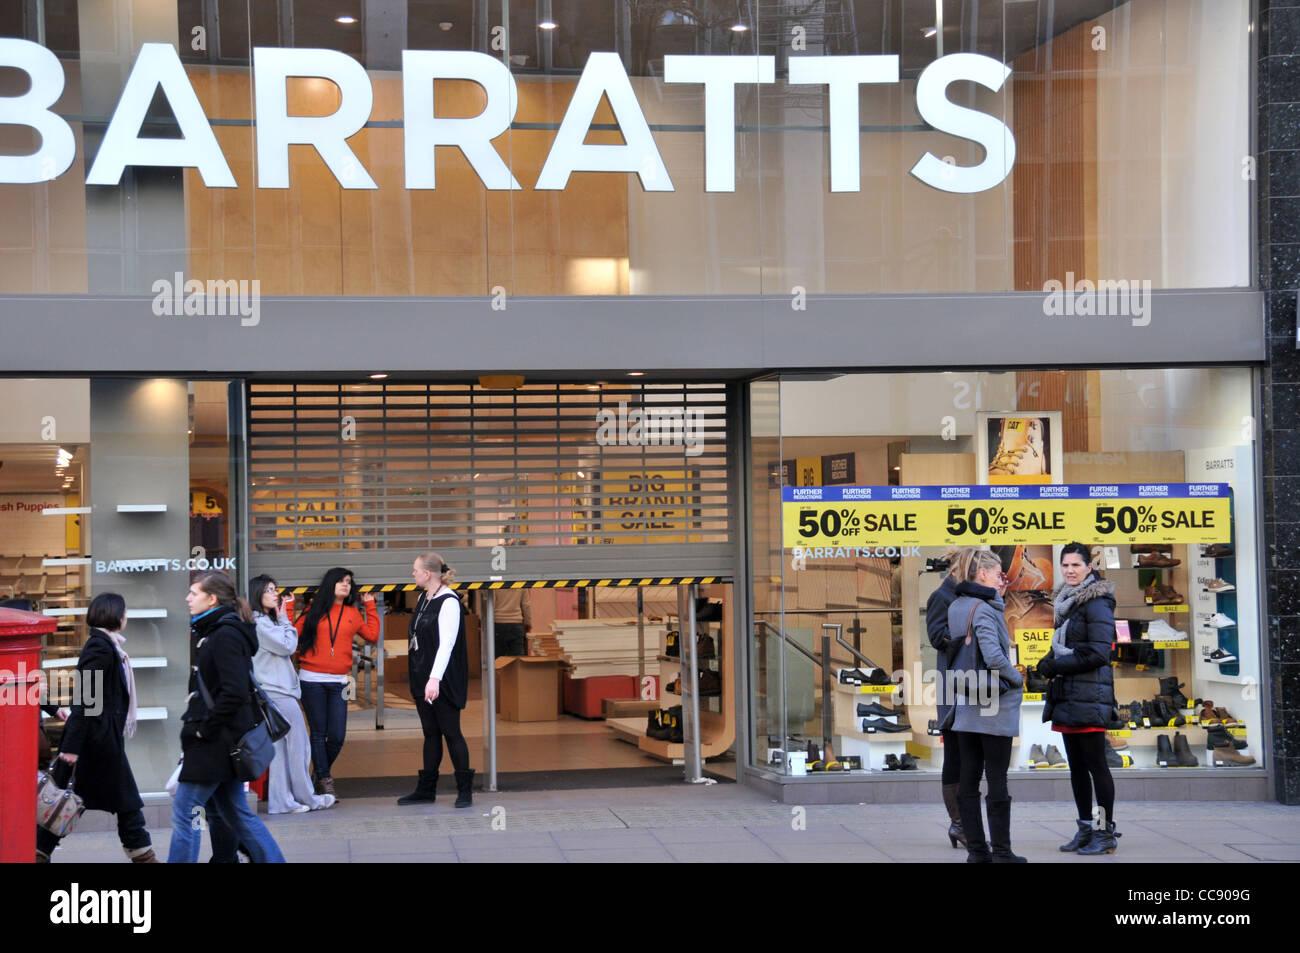 Magasin de chaussures Barratts failli fermé fermé récepteurs Oxford Street Londres Banque D'Images